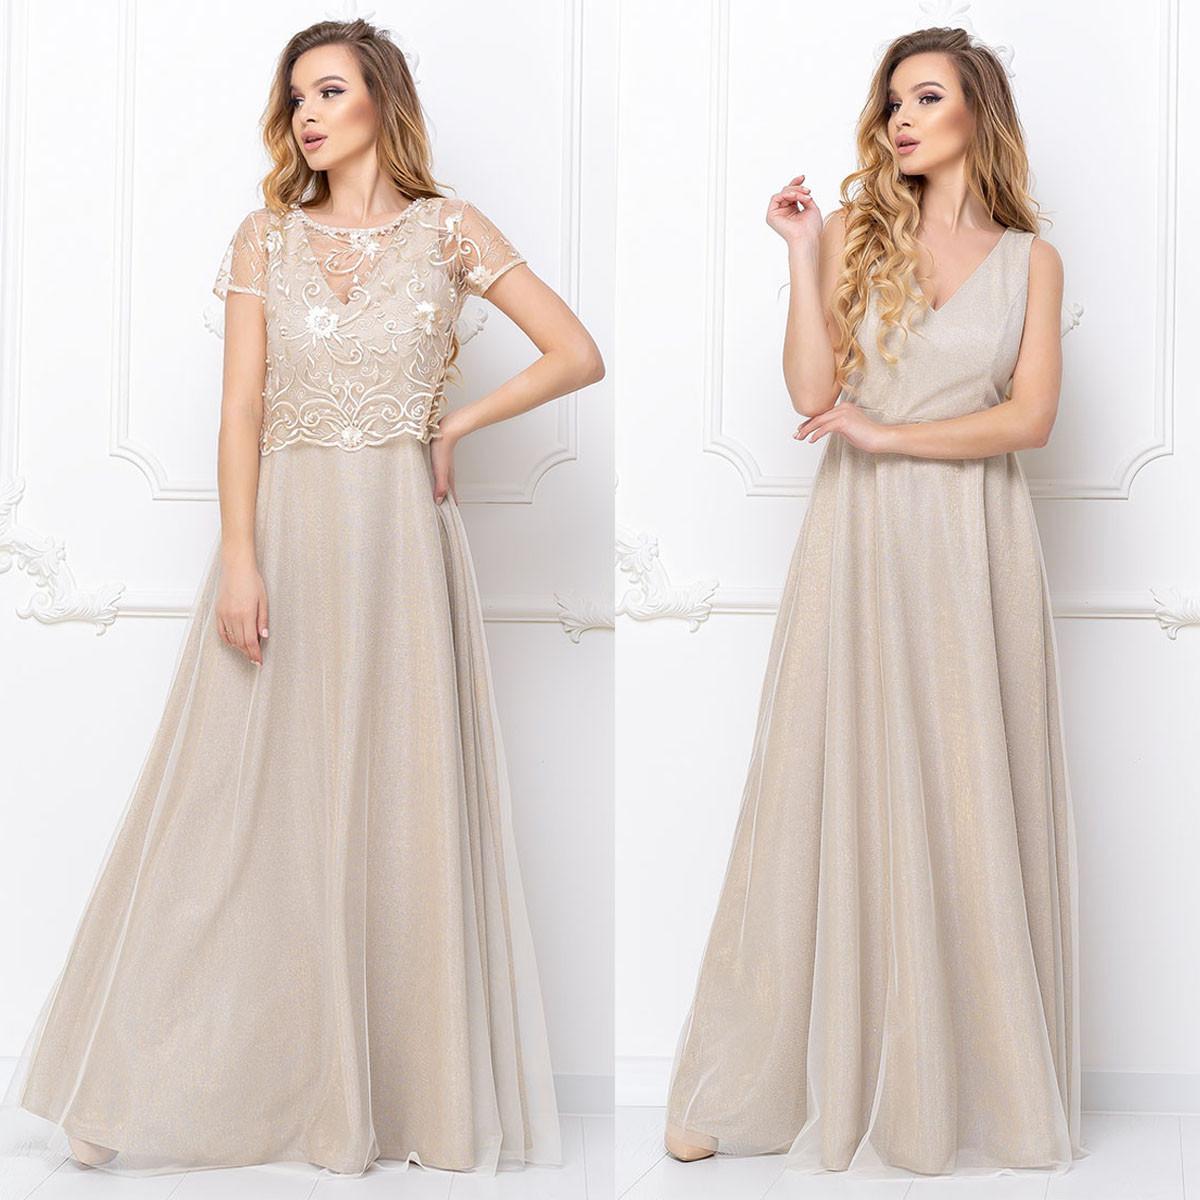 """Довга весільна сукня, вечірні, плаття на розпис, вінчання """"Домініка"""""""